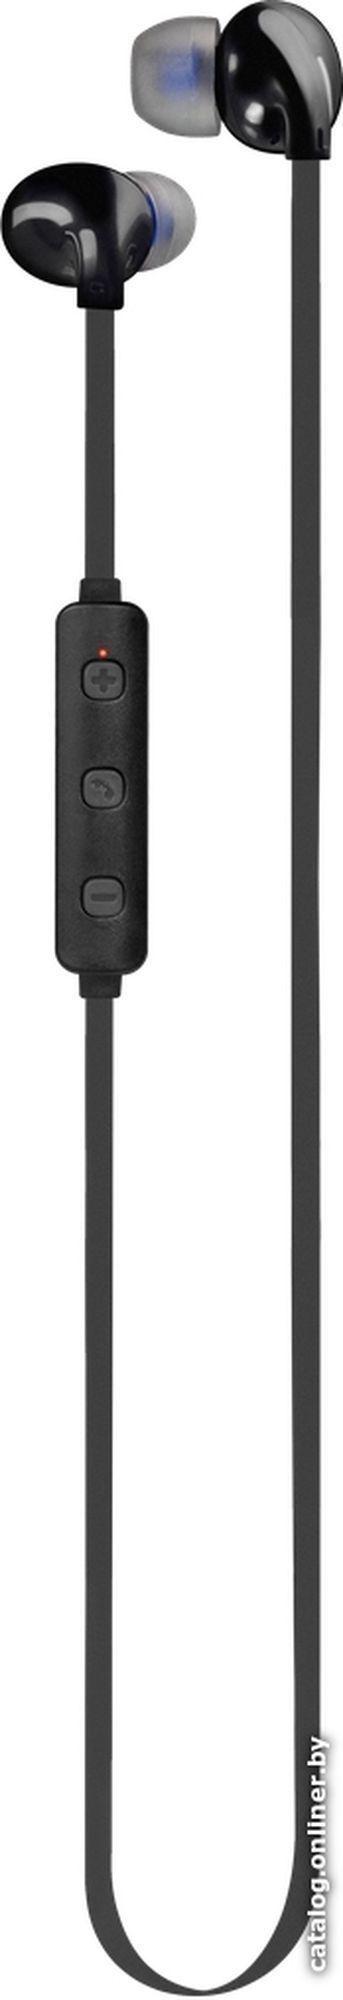 Беспроводная гарнитура Defender FreeMotion B655 черный, вставки, Bluetooth